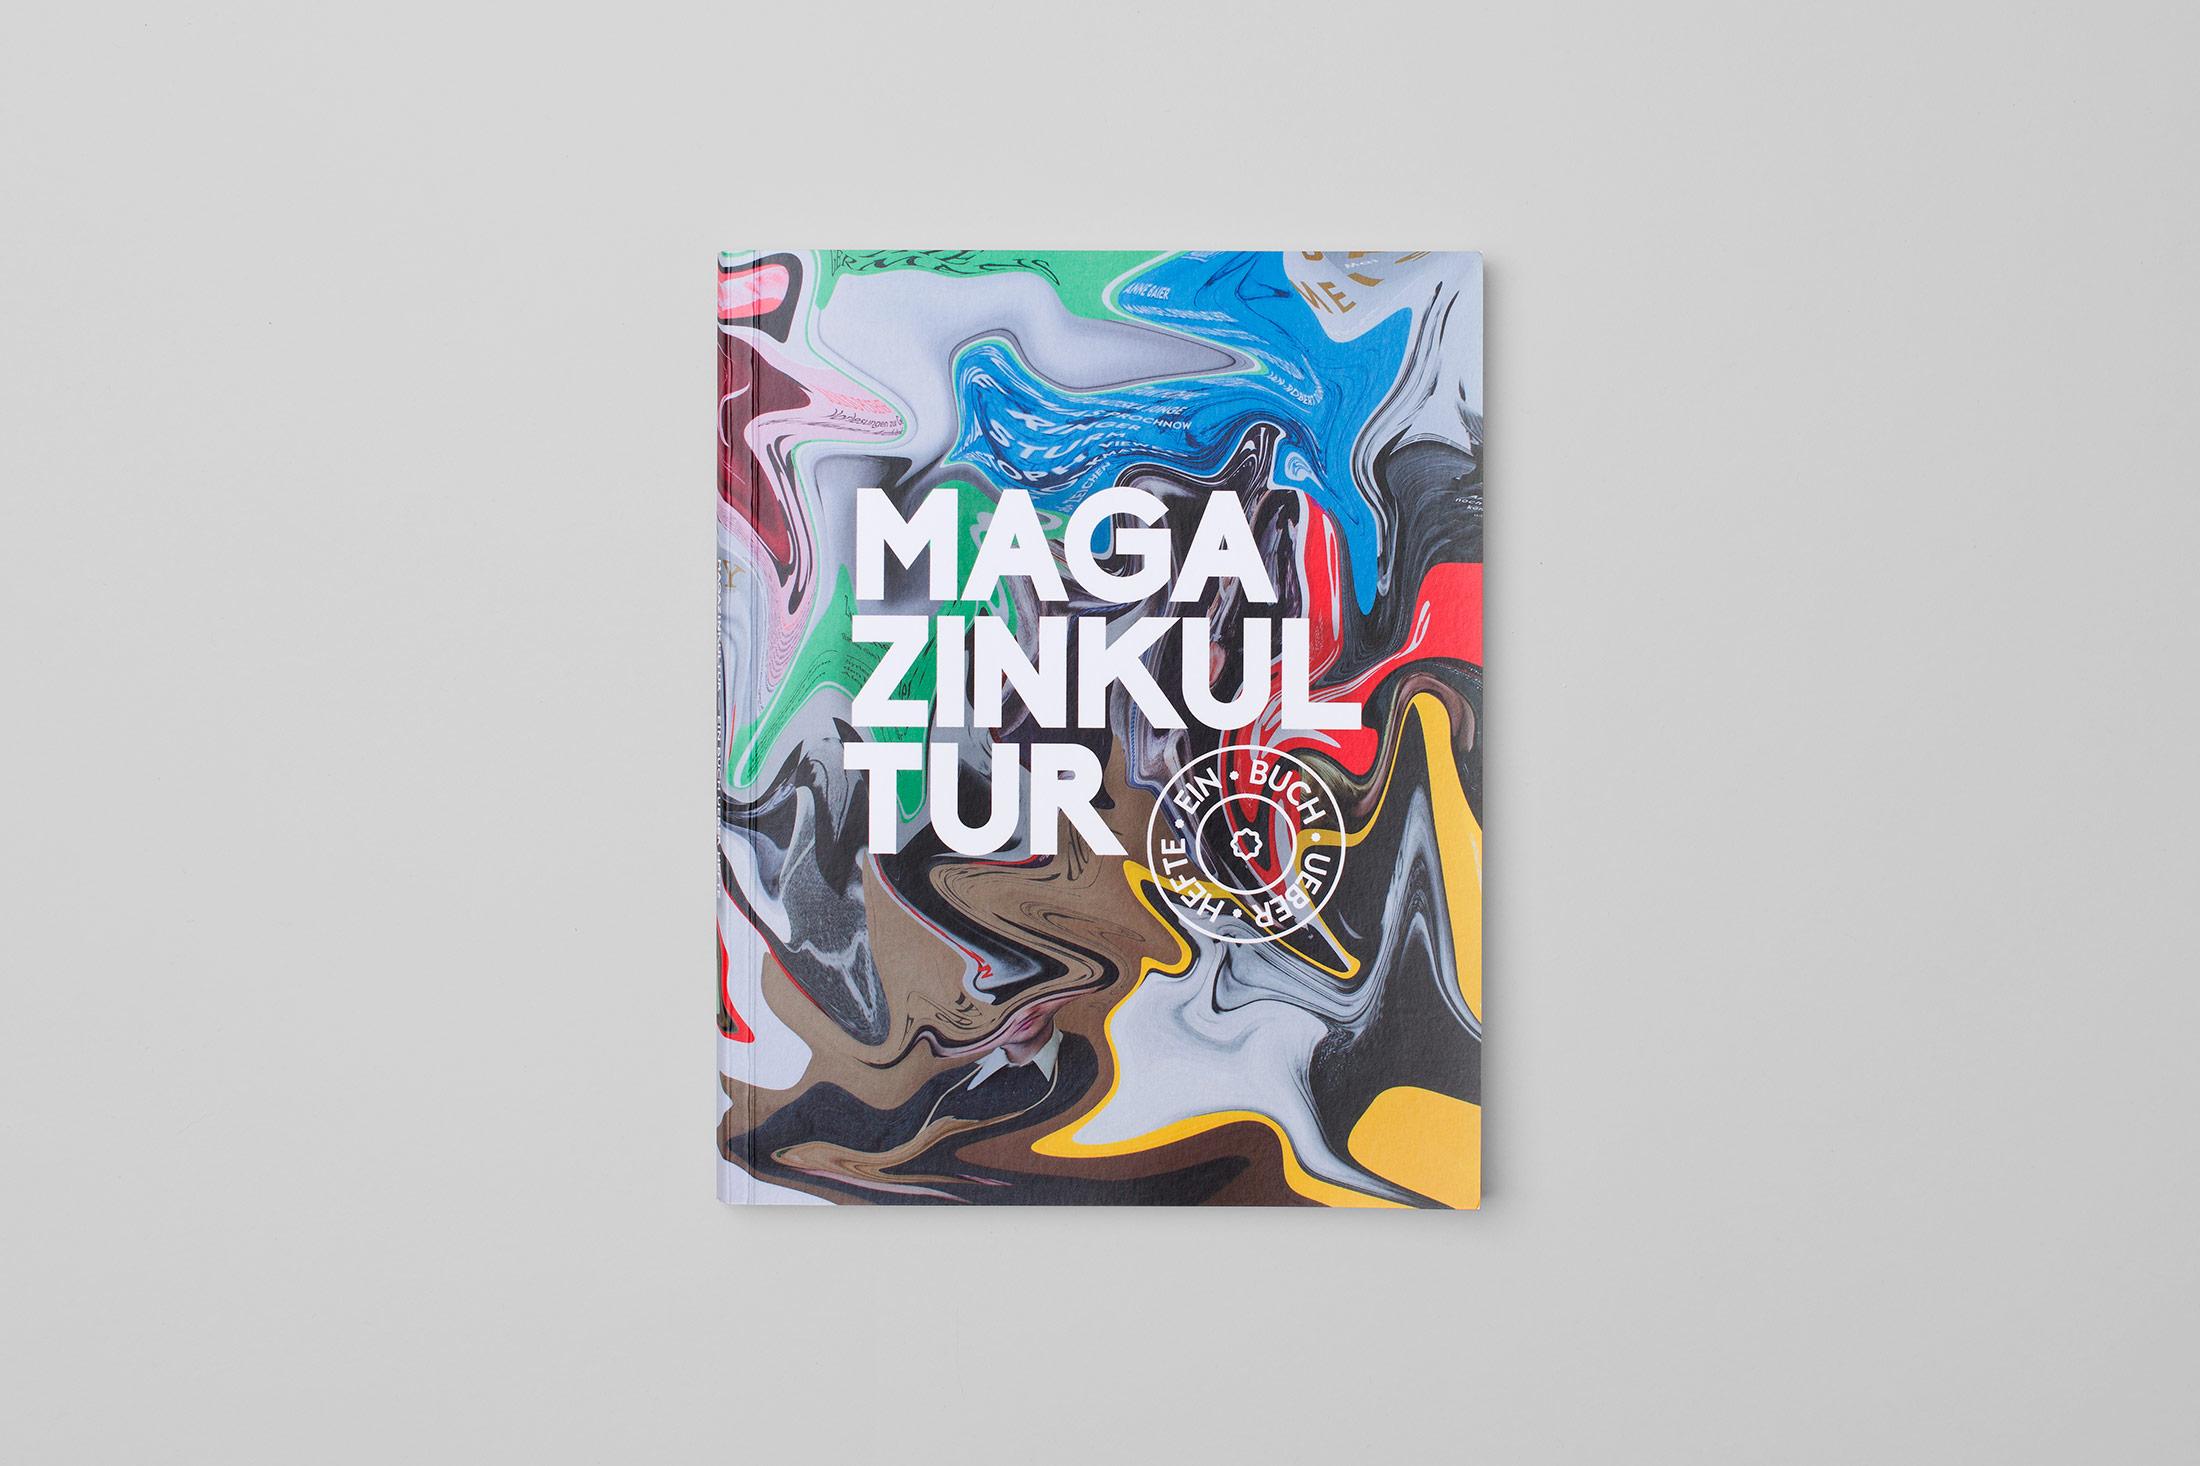 Magazinkultur_01-Mitja_Schneehage